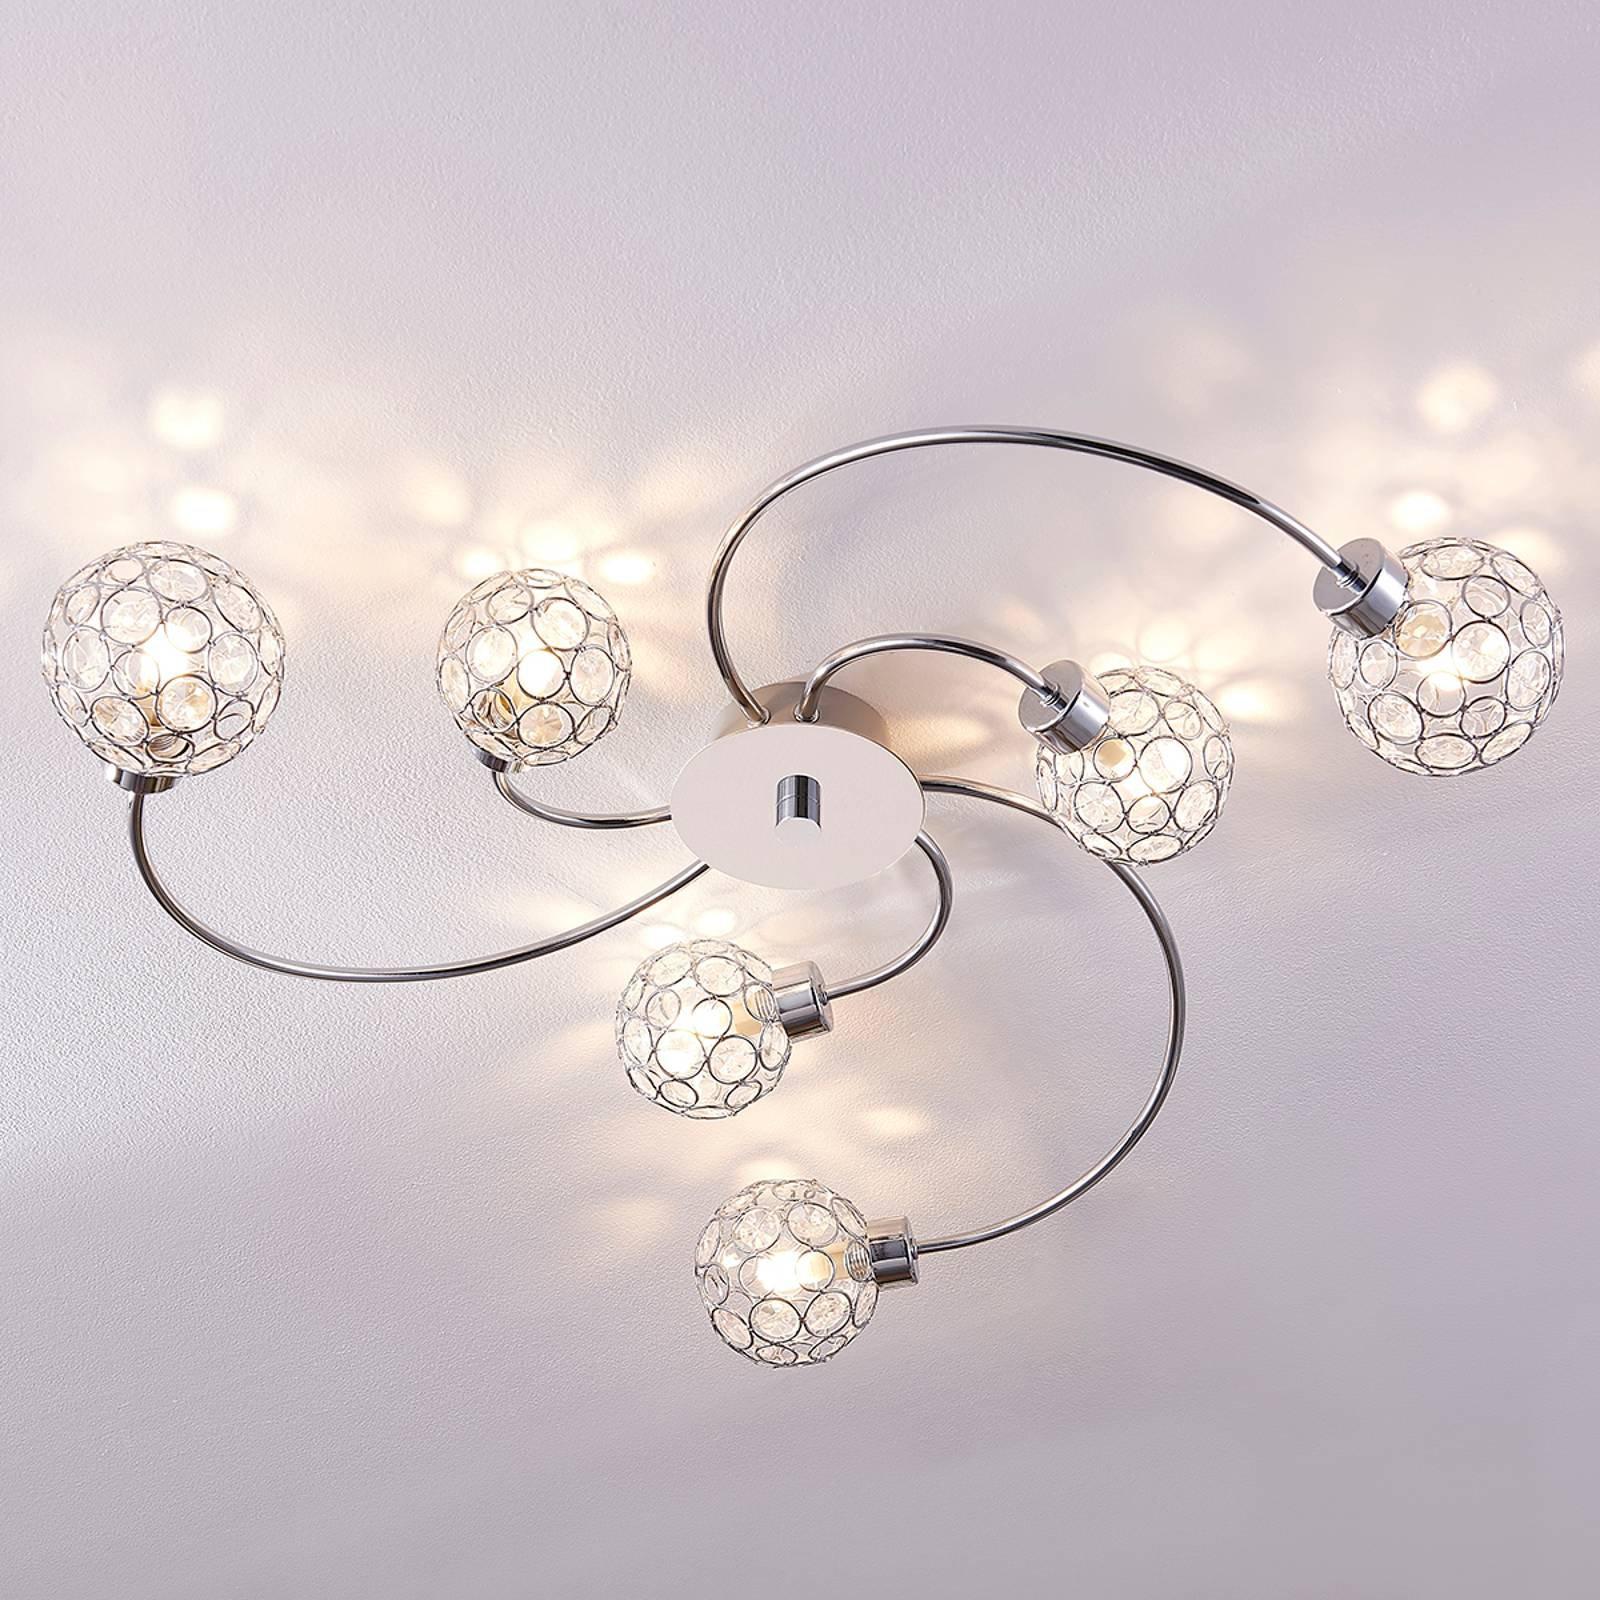 Dekorativ LED-taklampe Tyron